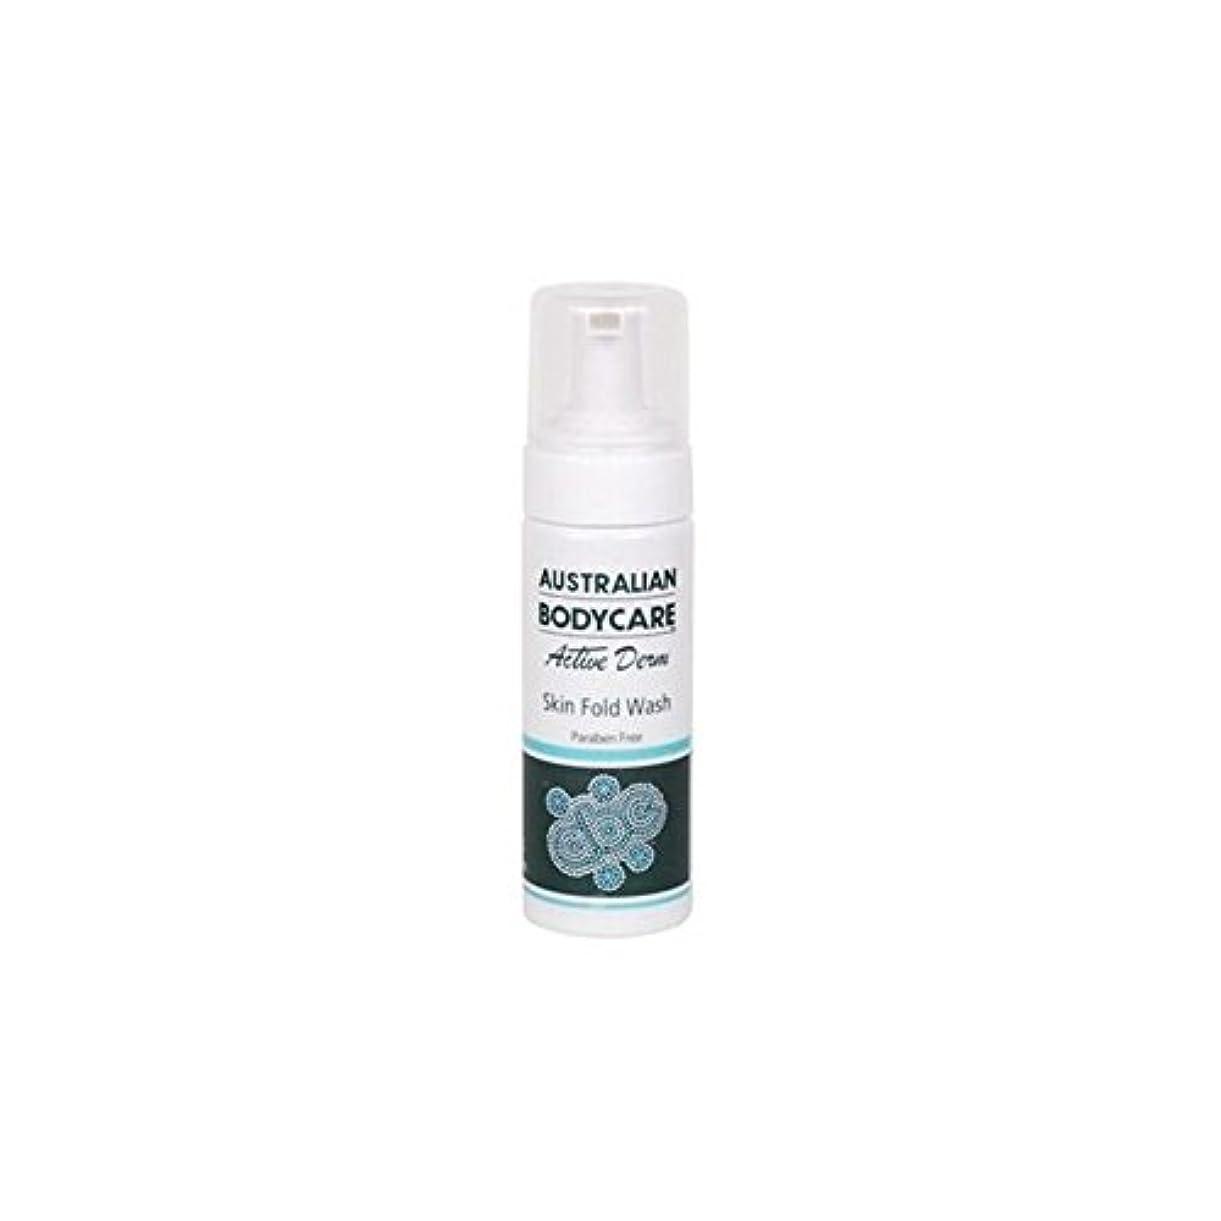 リーンパラナ川十分ですオーストラリアのボディケアアクティブダームの皮膚のひだの洗浄(150ミリリットル) x2 - Australian Bodycare Active Derm Skin Fold Wash (150ml) (Pack of...